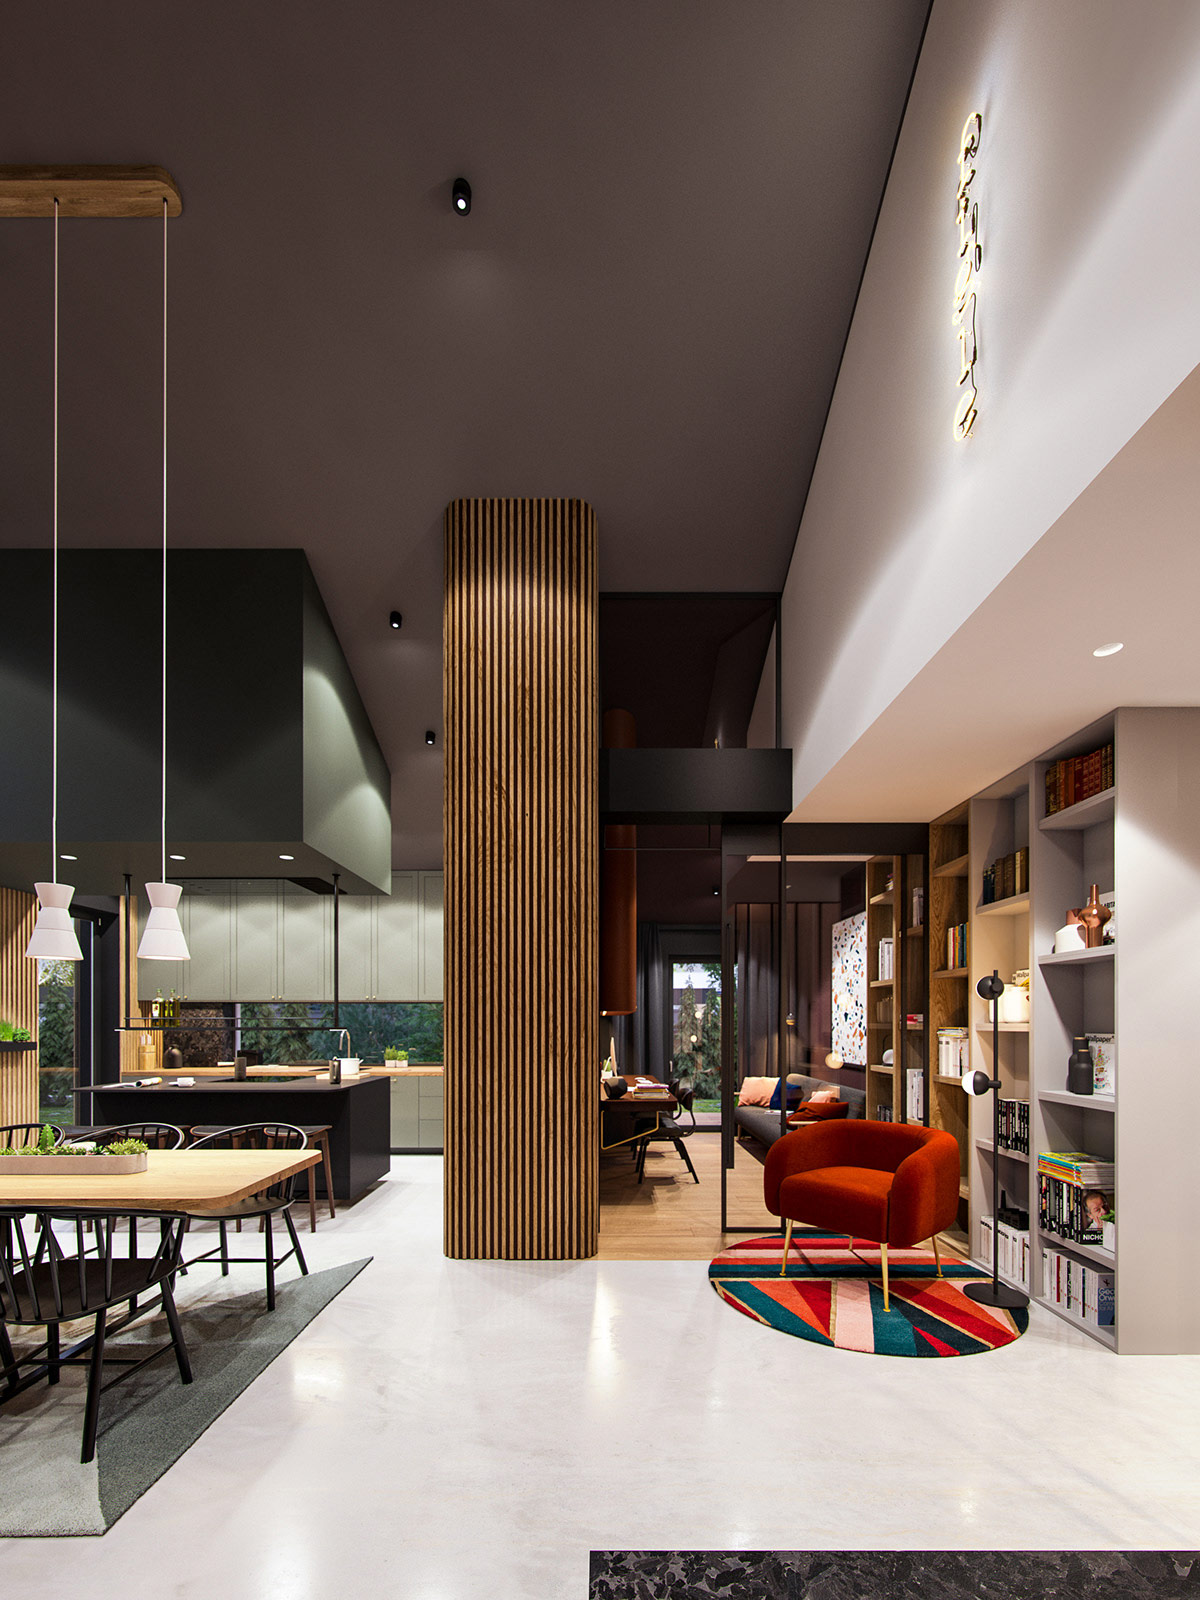 深绿色与木纹板条墙壁:时尚和温馨的星空豪宅